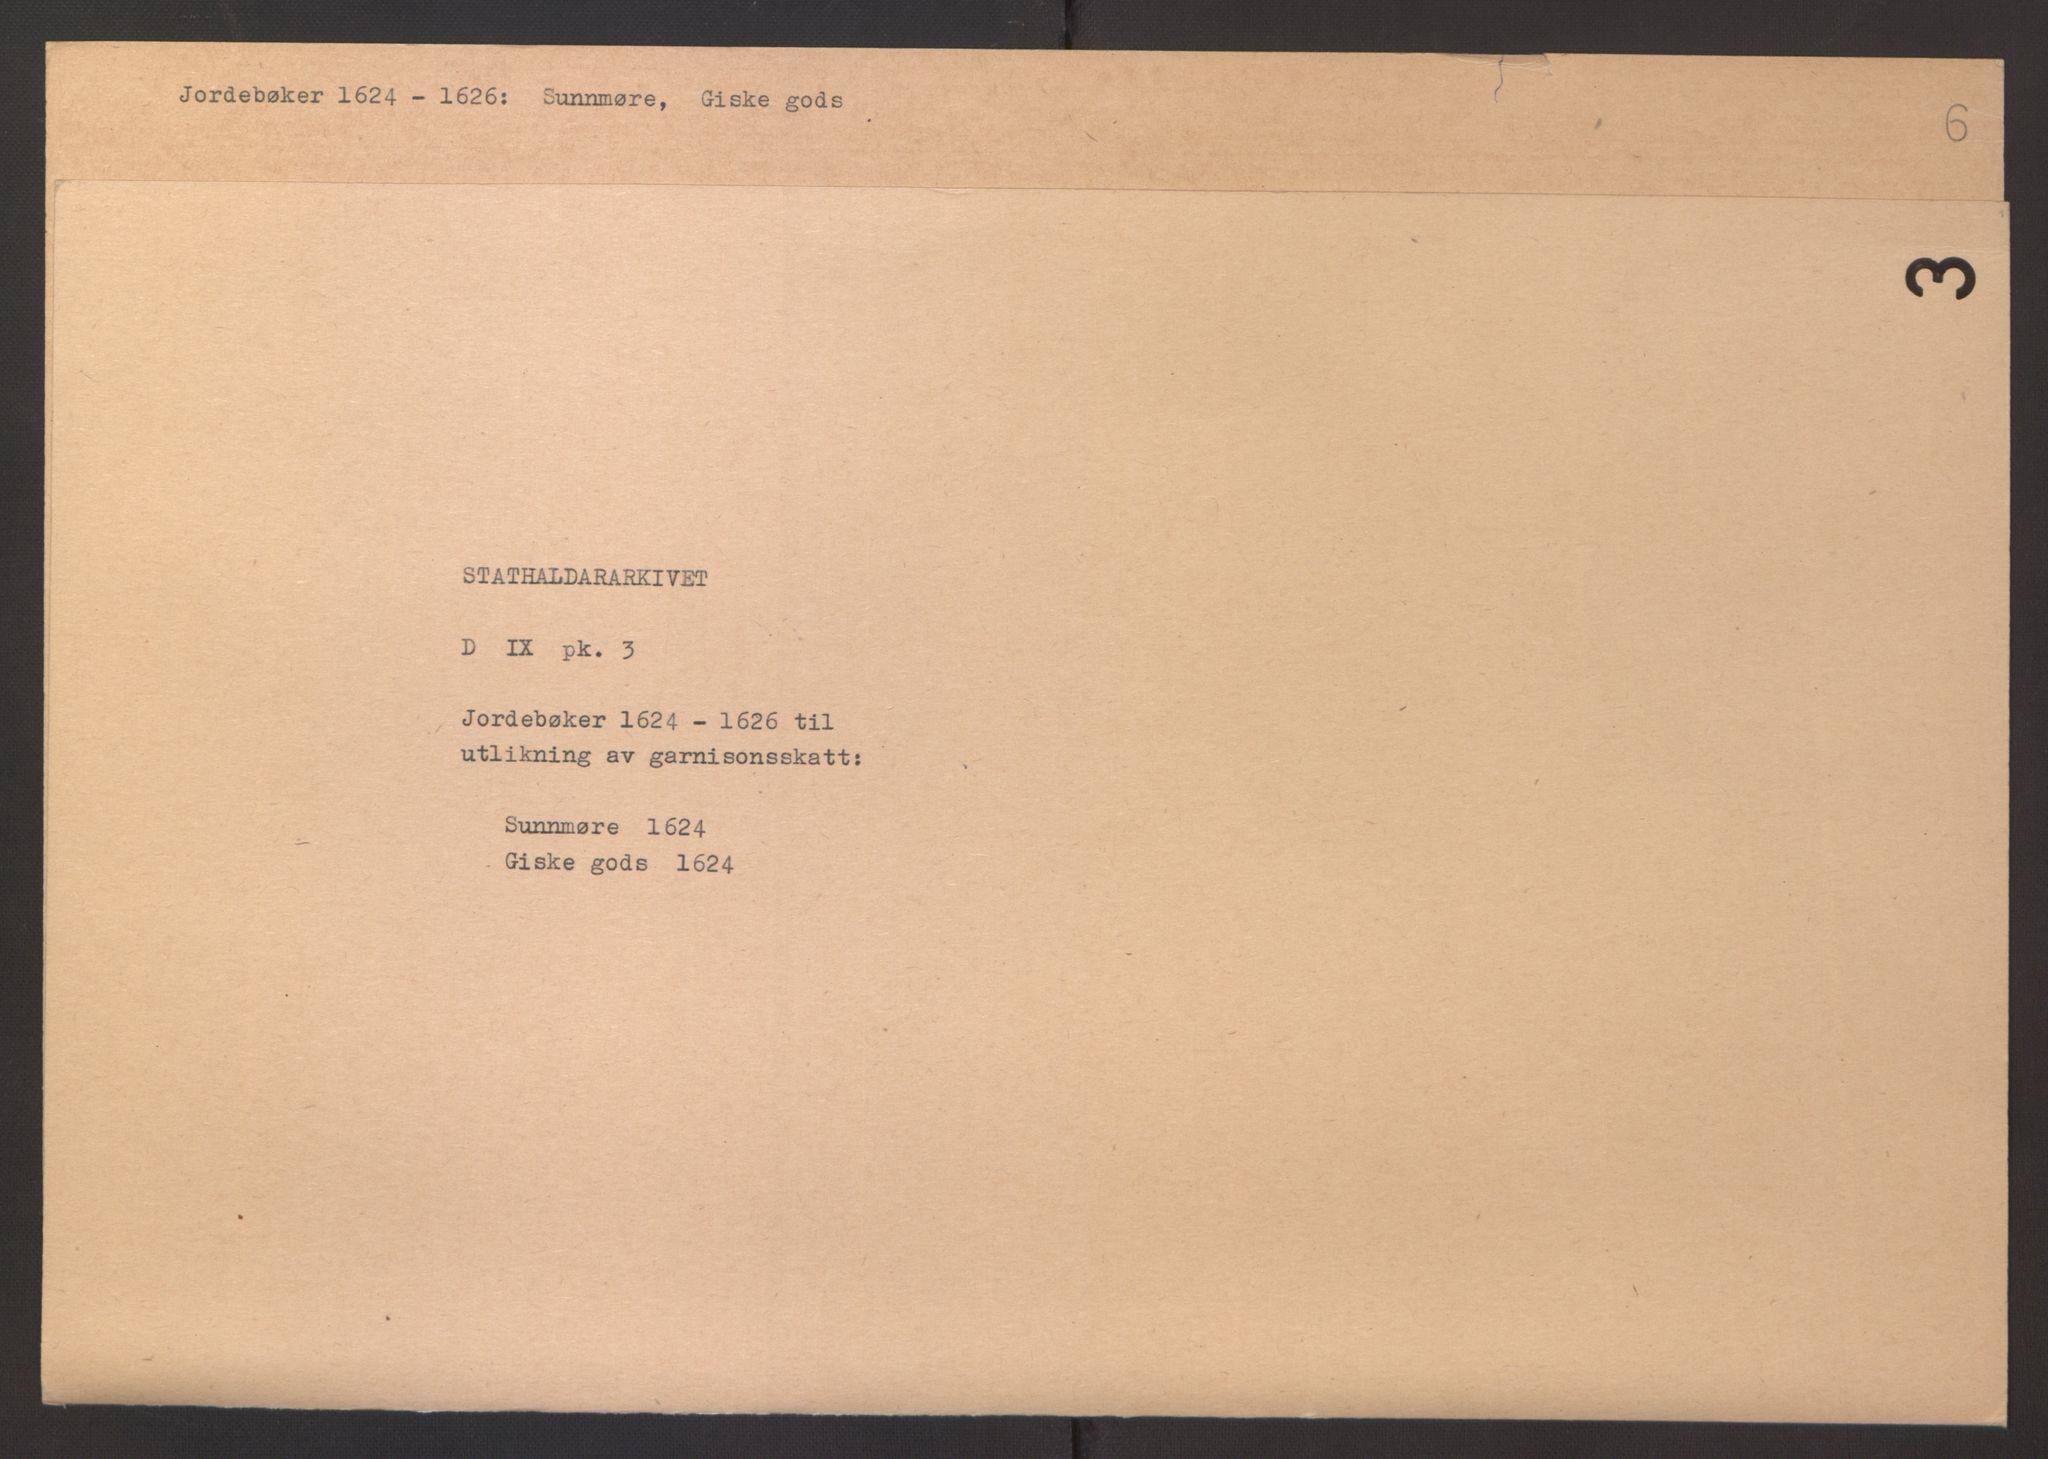 RA, Stattholderembetet 1572-1771, Ek/L0003: Jordebøker til utlikning av garnisonsskatt 1624-1626:, 1624-1625, s. 290